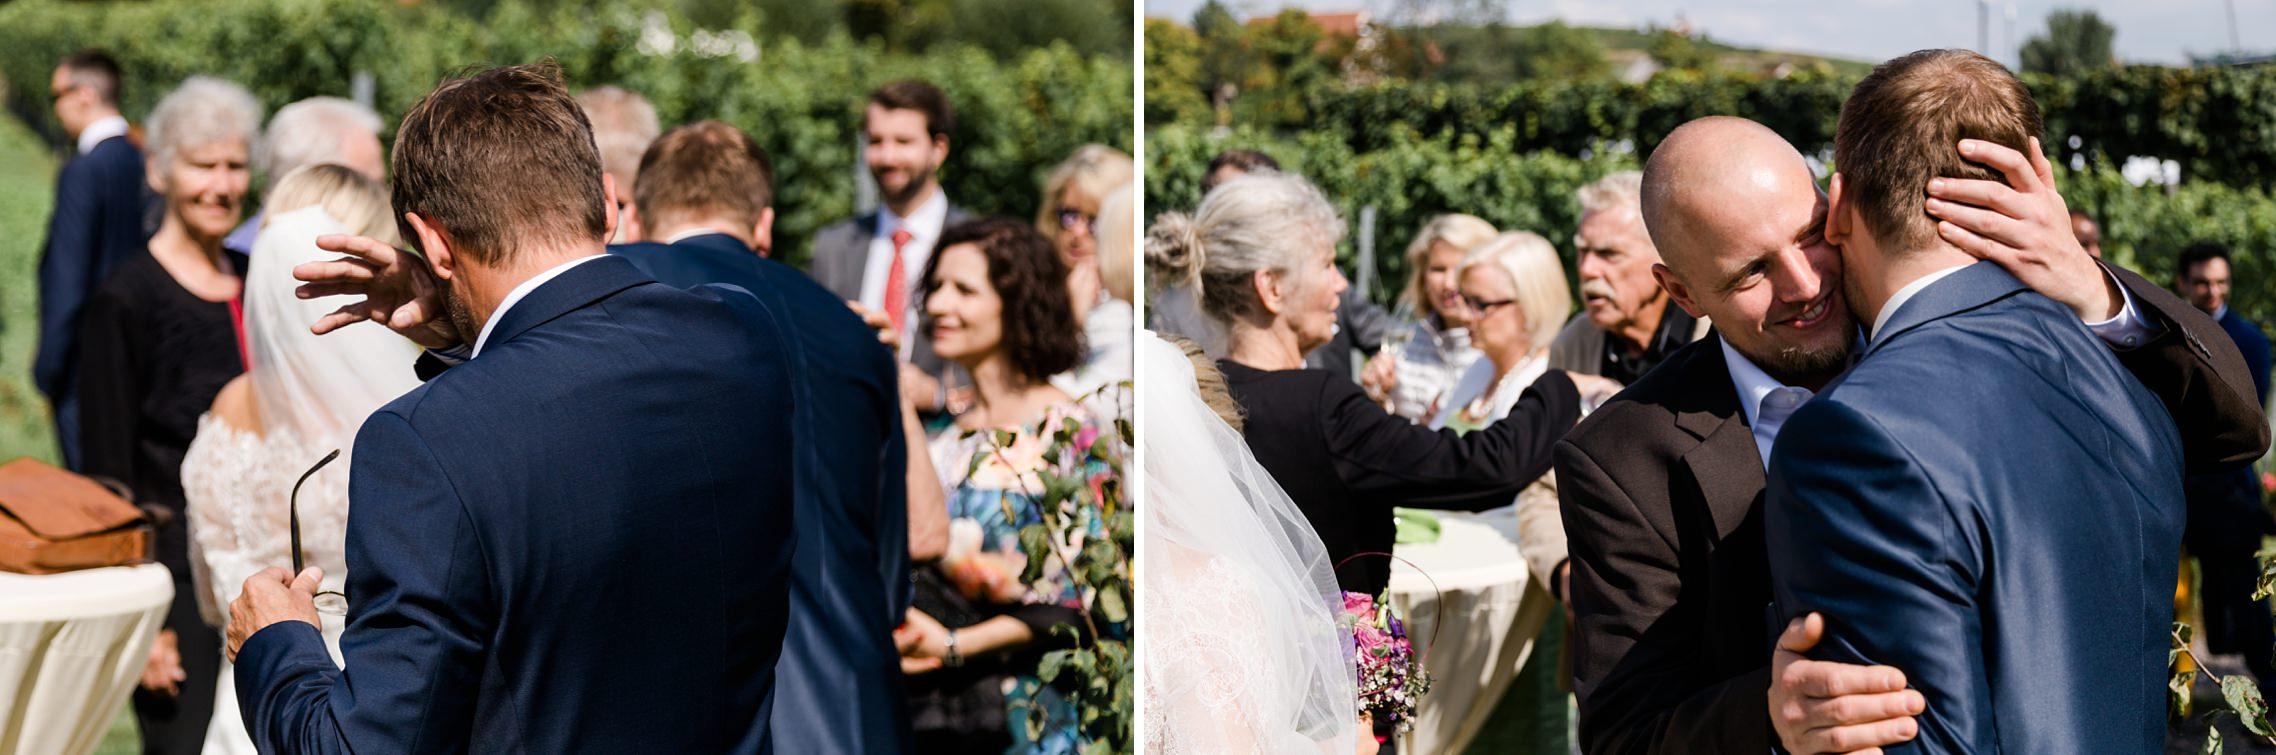 Emotionen während der Gratulationen für das Brautpaar: ein Gast wischt sich die Tränen weg, während ein anderer Gast den Bräutigam herzlich umarmt.